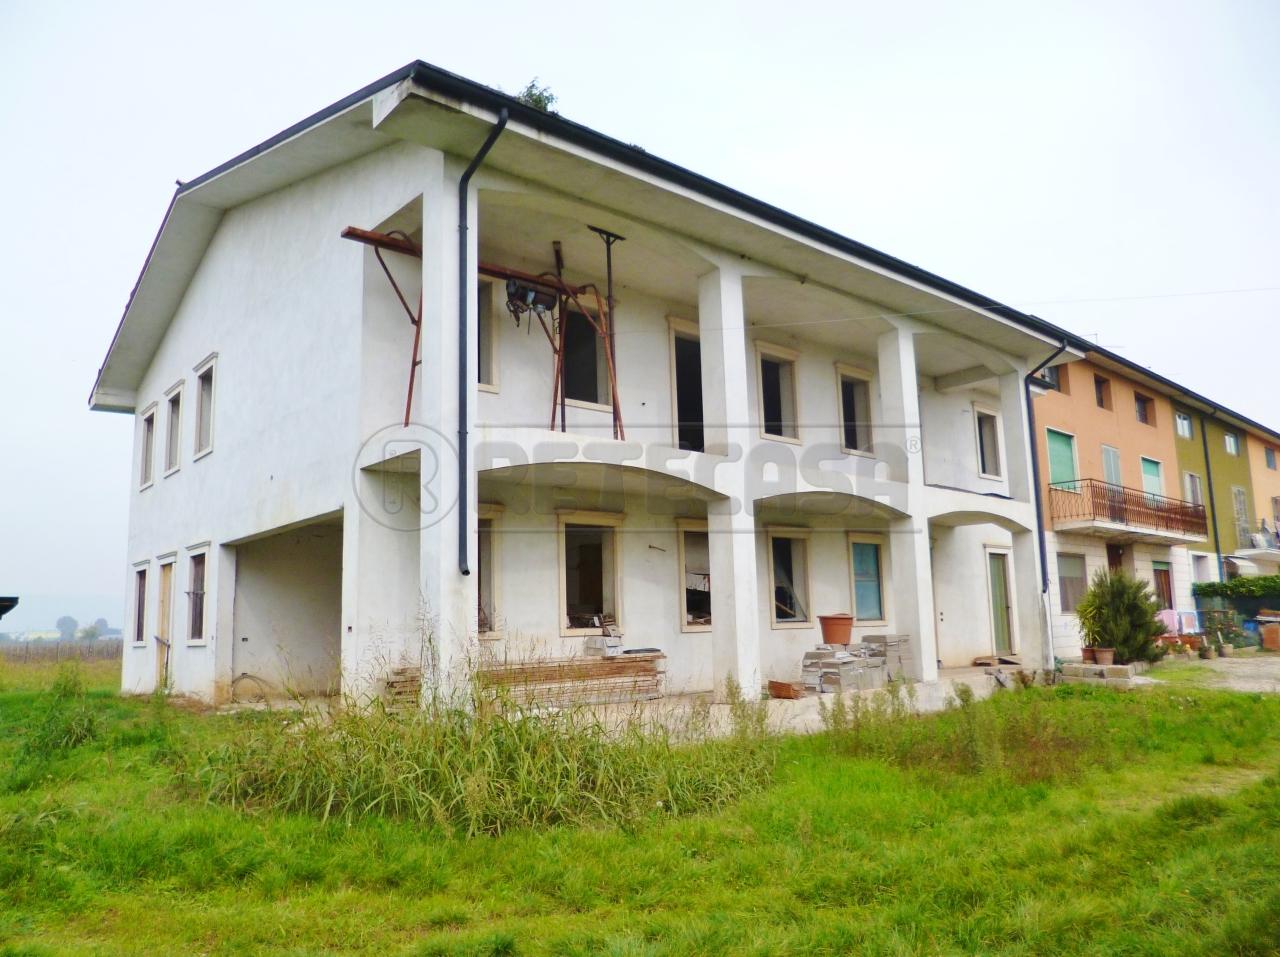 Casa indipendente in vendita a lonigo di 250mq fr1583 for Piani casa con breezeway tra casa e garage